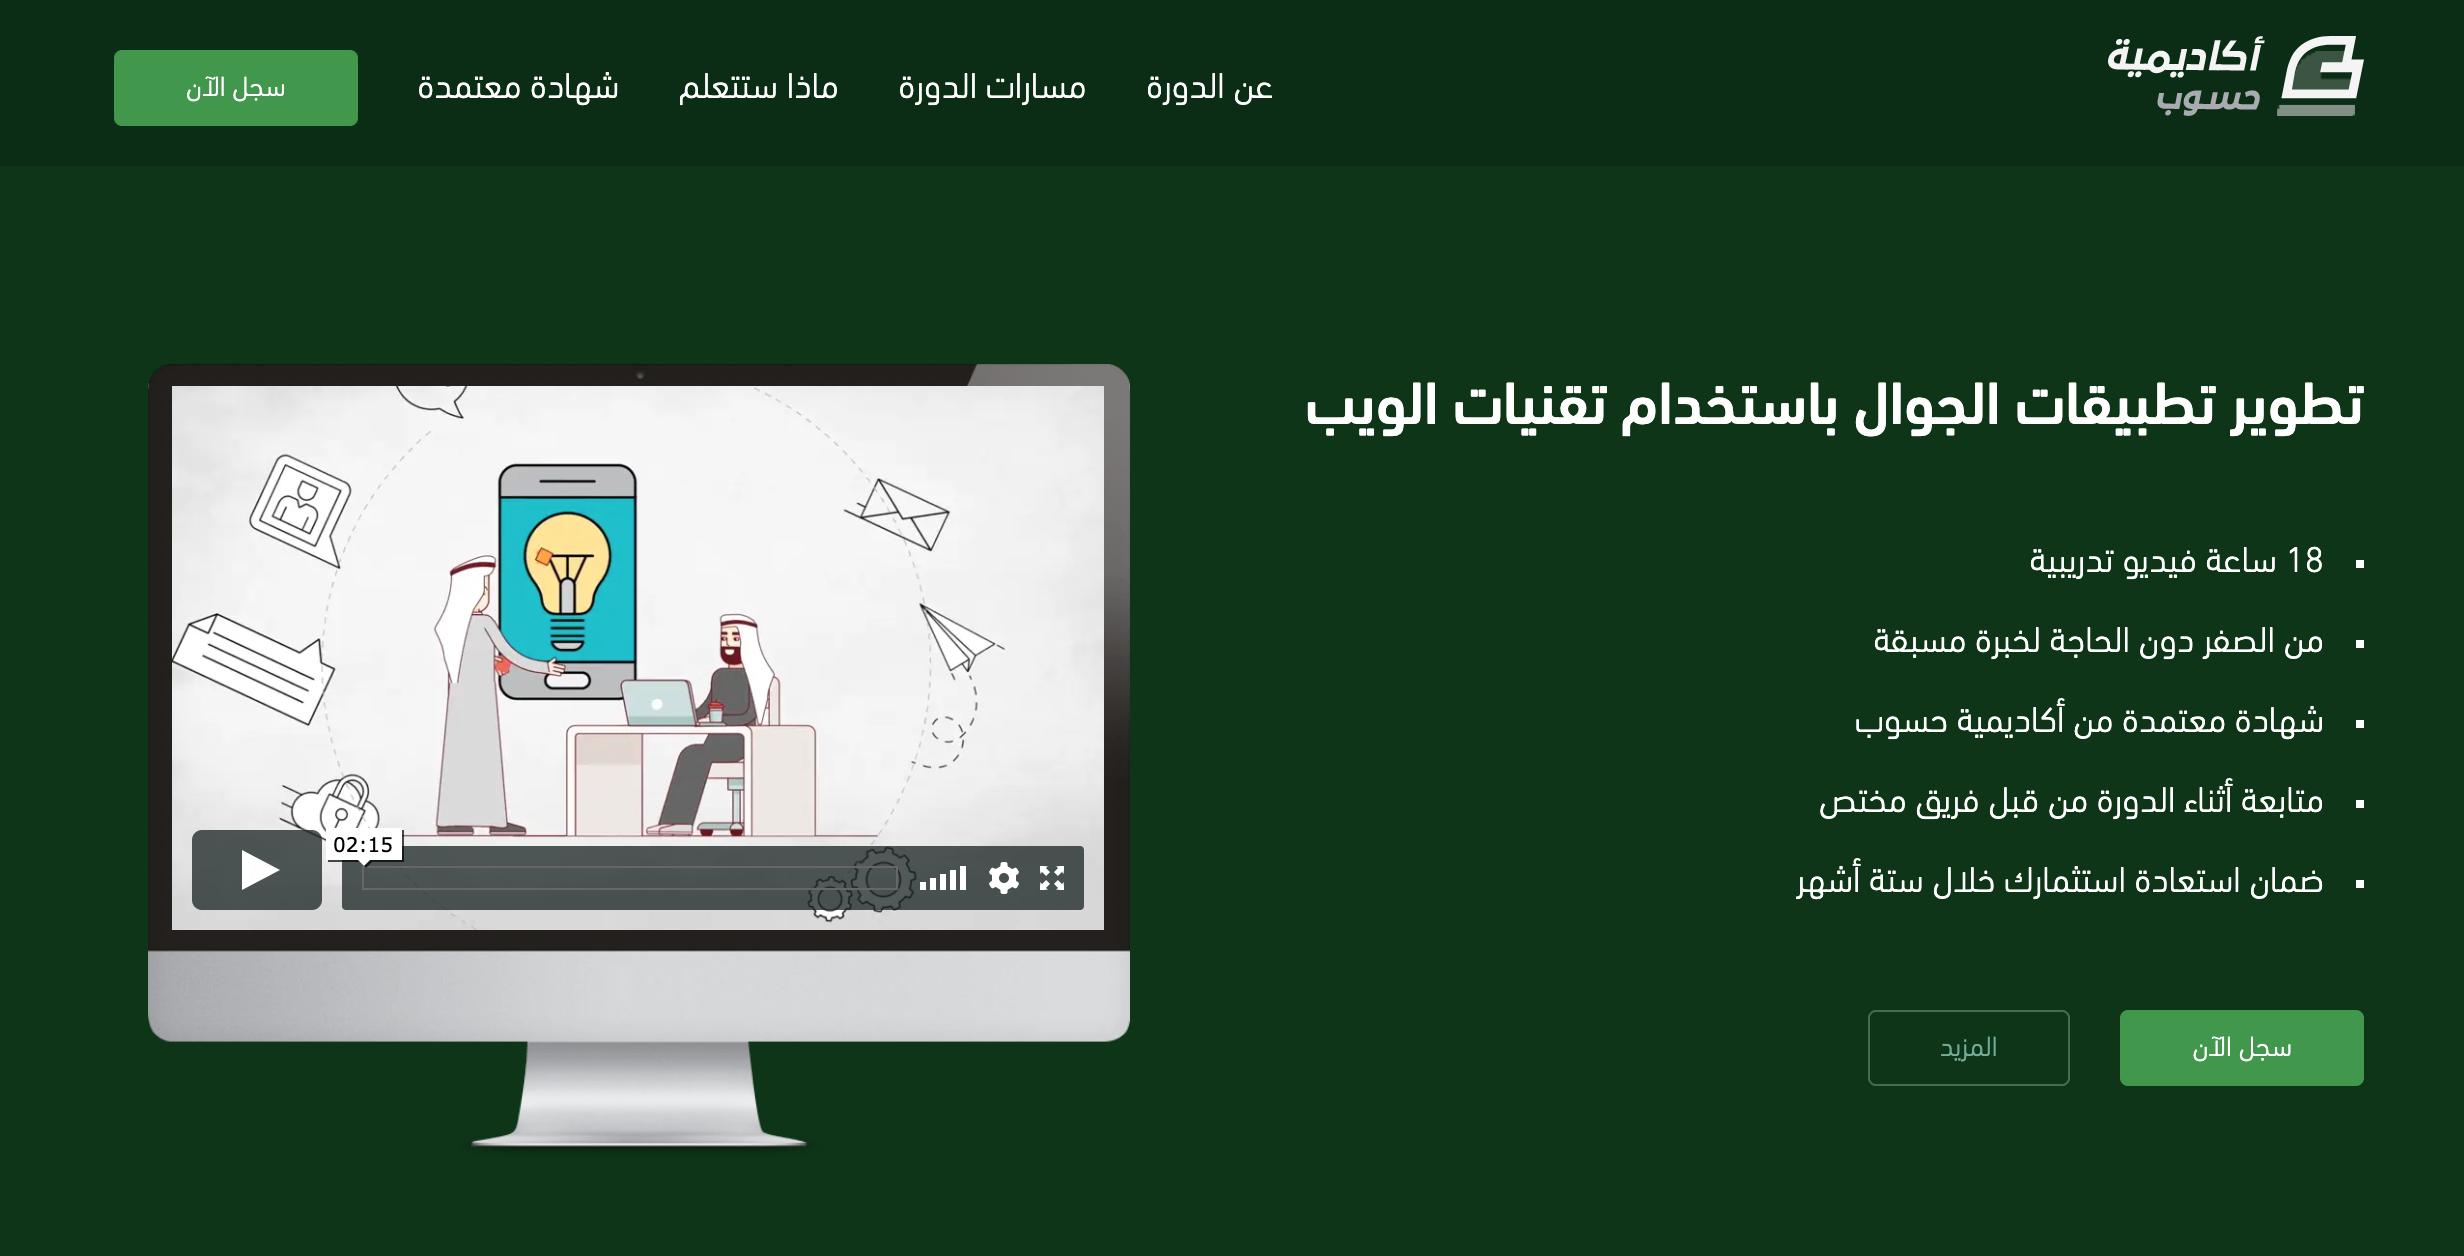 صفحة هبوط تطوير تطبيقات الجوال باستخدام تقنيات الويب في أكاديمية حسوب